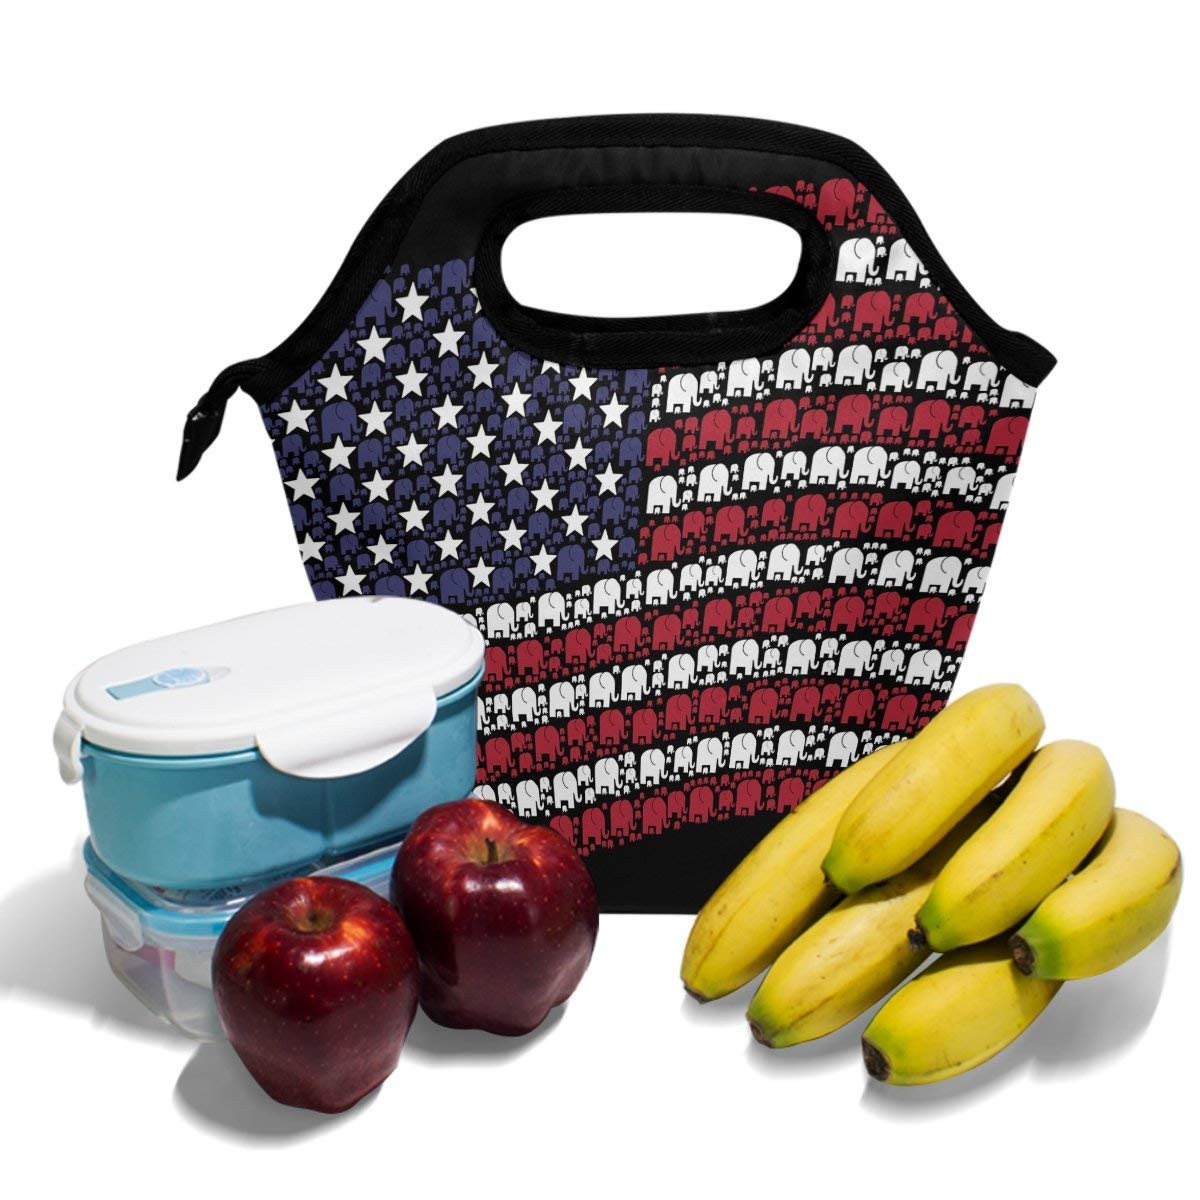 Lunch Box Bag Abstract Elephant Pattern Bandiera degli Stati Uniti Tote nero Borsa termica isolata per uomo Donna Scuola Teens Office Picnic